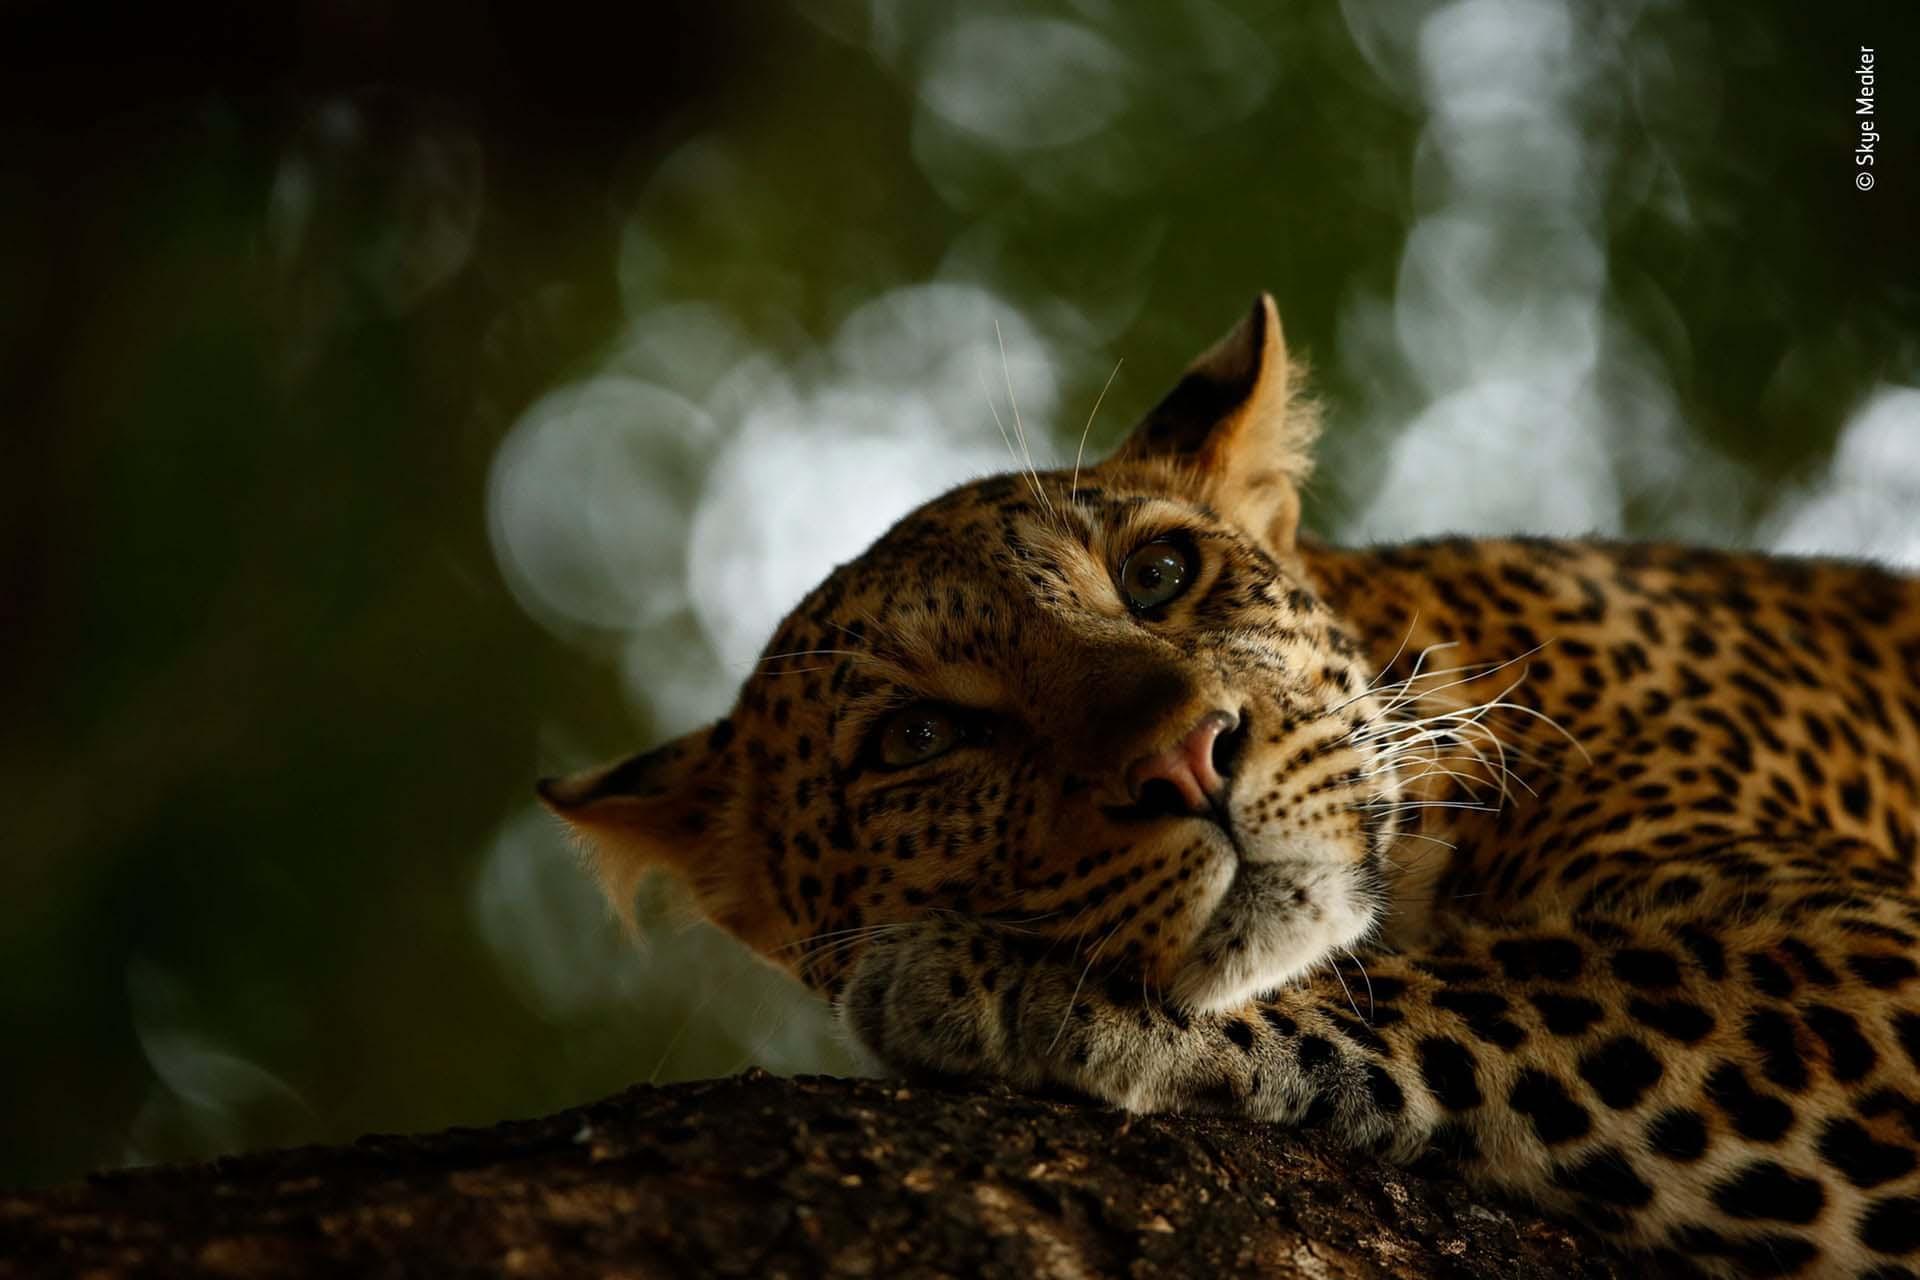 'Leopardo descansando': los leopardos de la Reserva de Caza de Mashatu son difíciles de fotografiar. Pero esta vez Skye Meaker tuvo suerte. Después de rastrear a estos felinos durante unas horas, se encontró con Mathoja, una hembra muy conocida. En un momento fugaz, justo antes de que se echara a dormir, capturó una imagen serena de esta majestuosa criatura